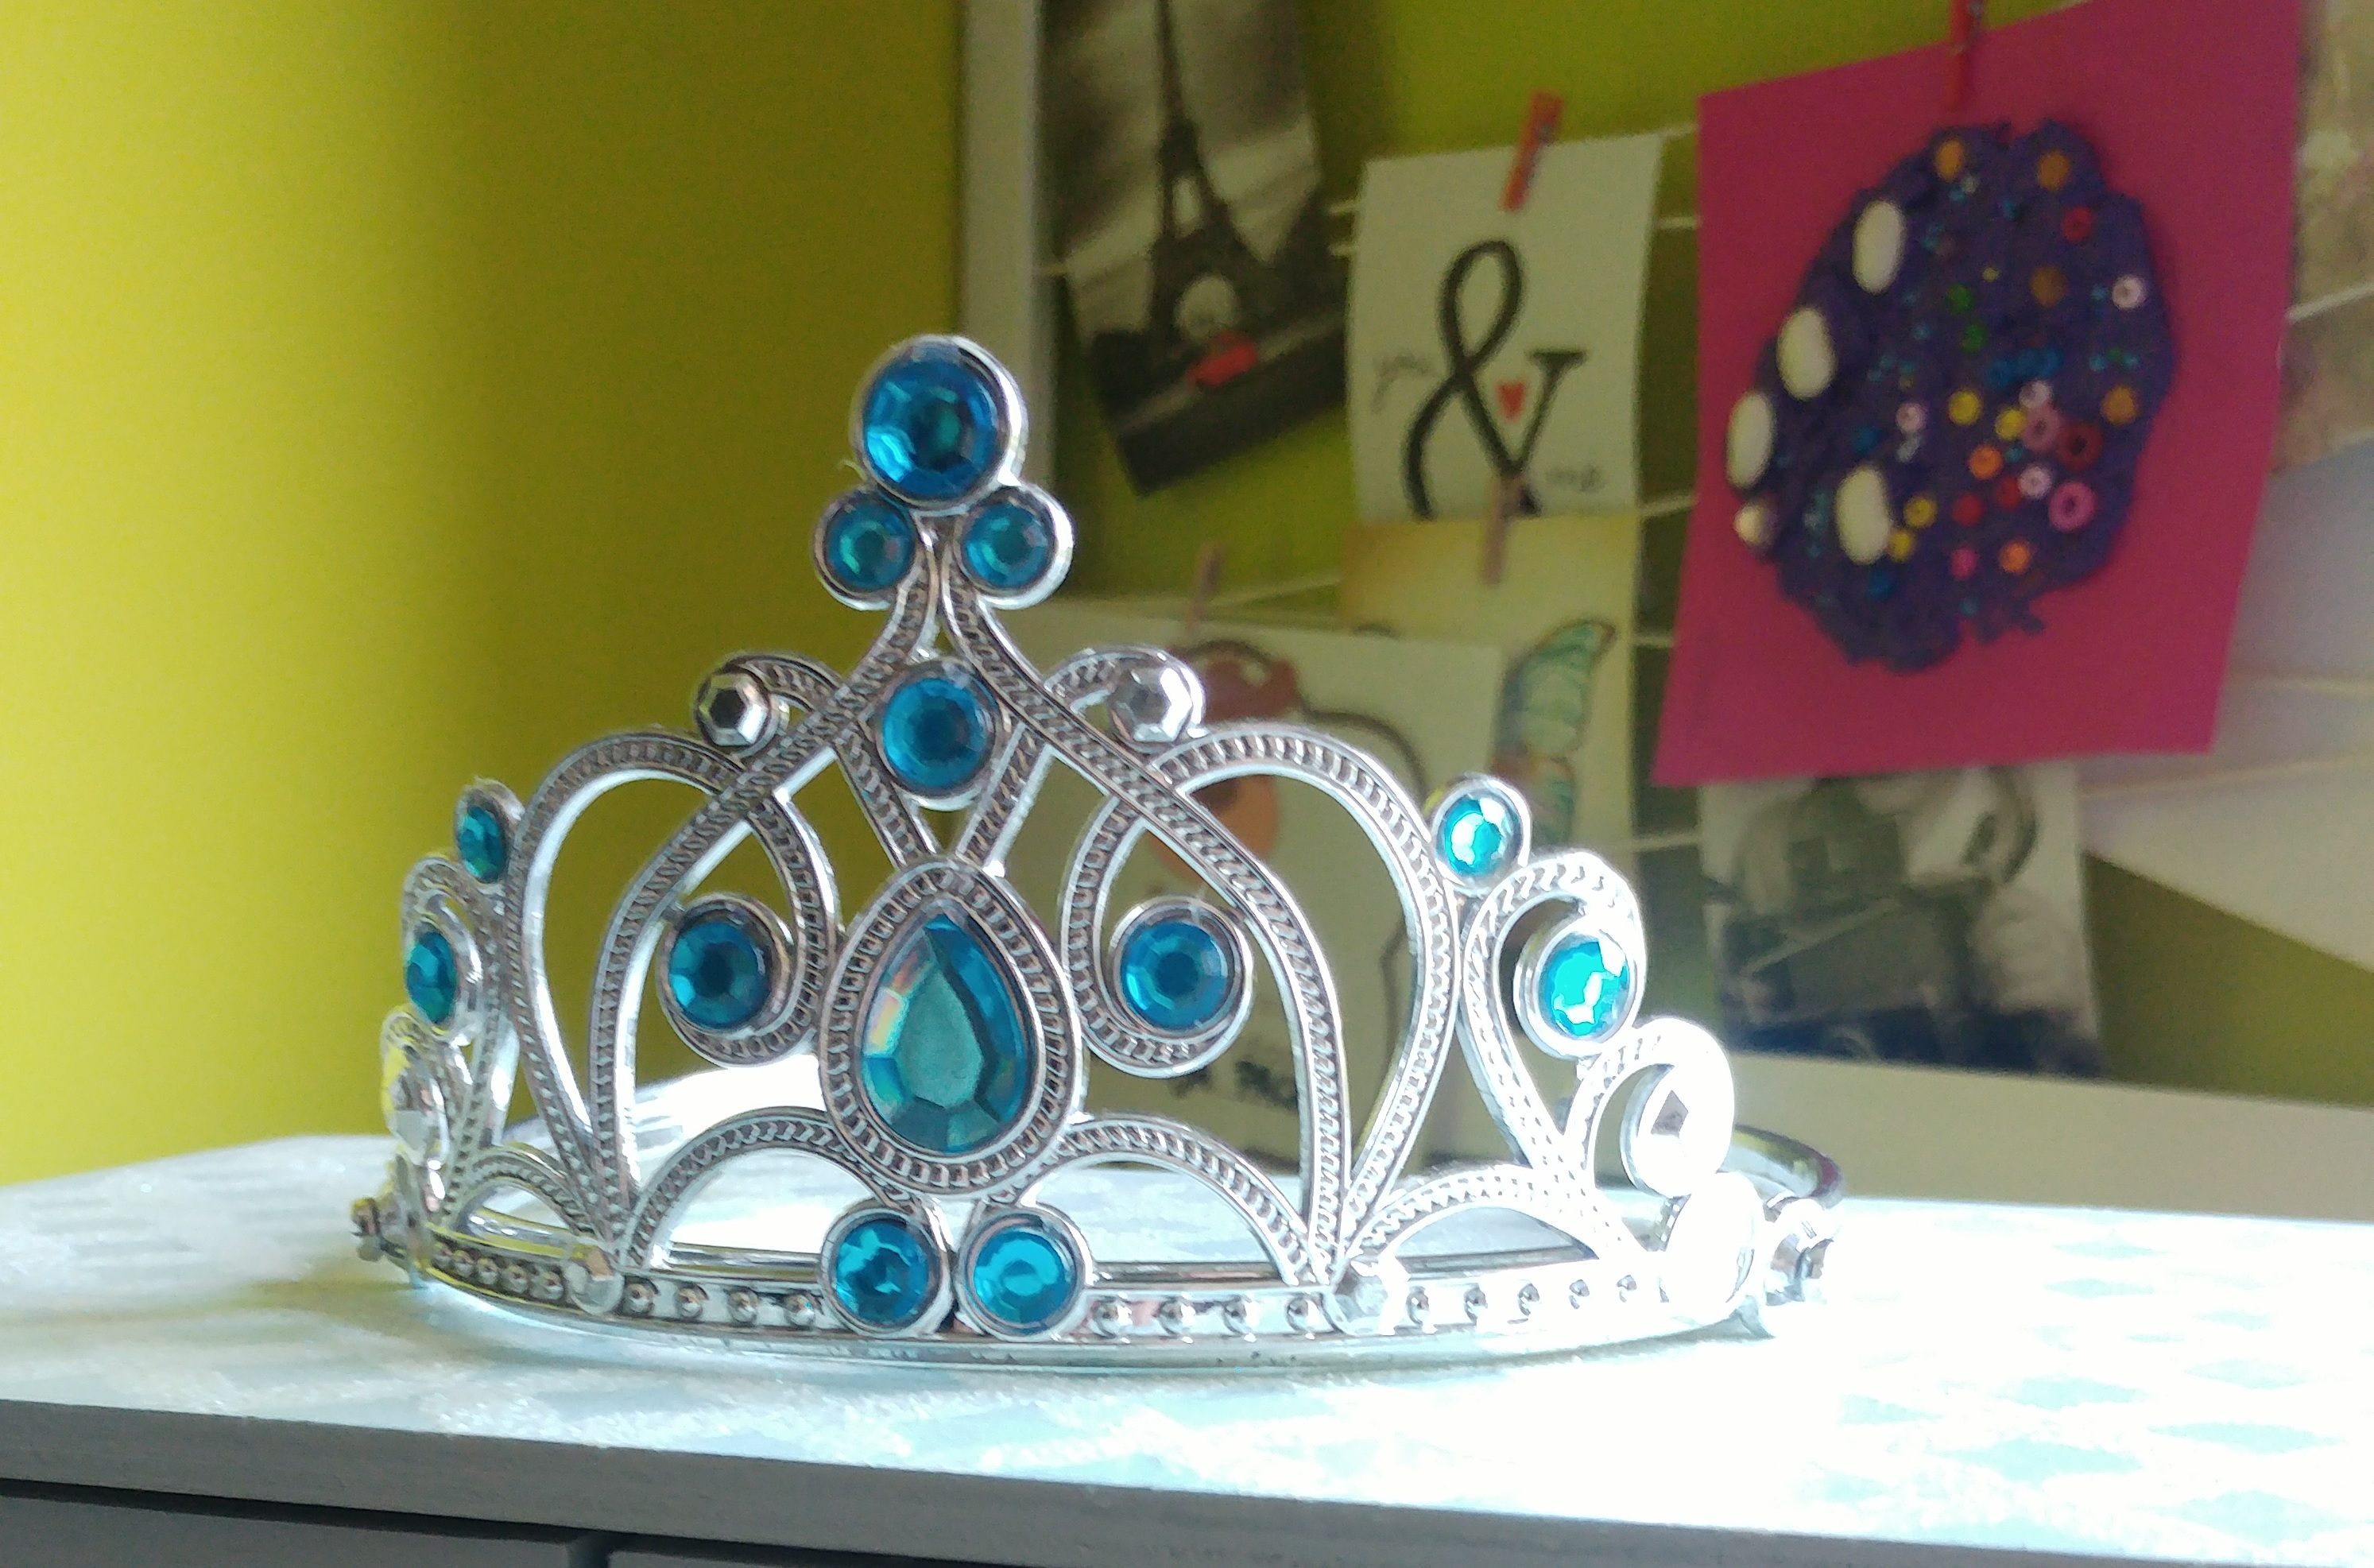 Korona - Nawet Księżniczka o porządek dbać musi